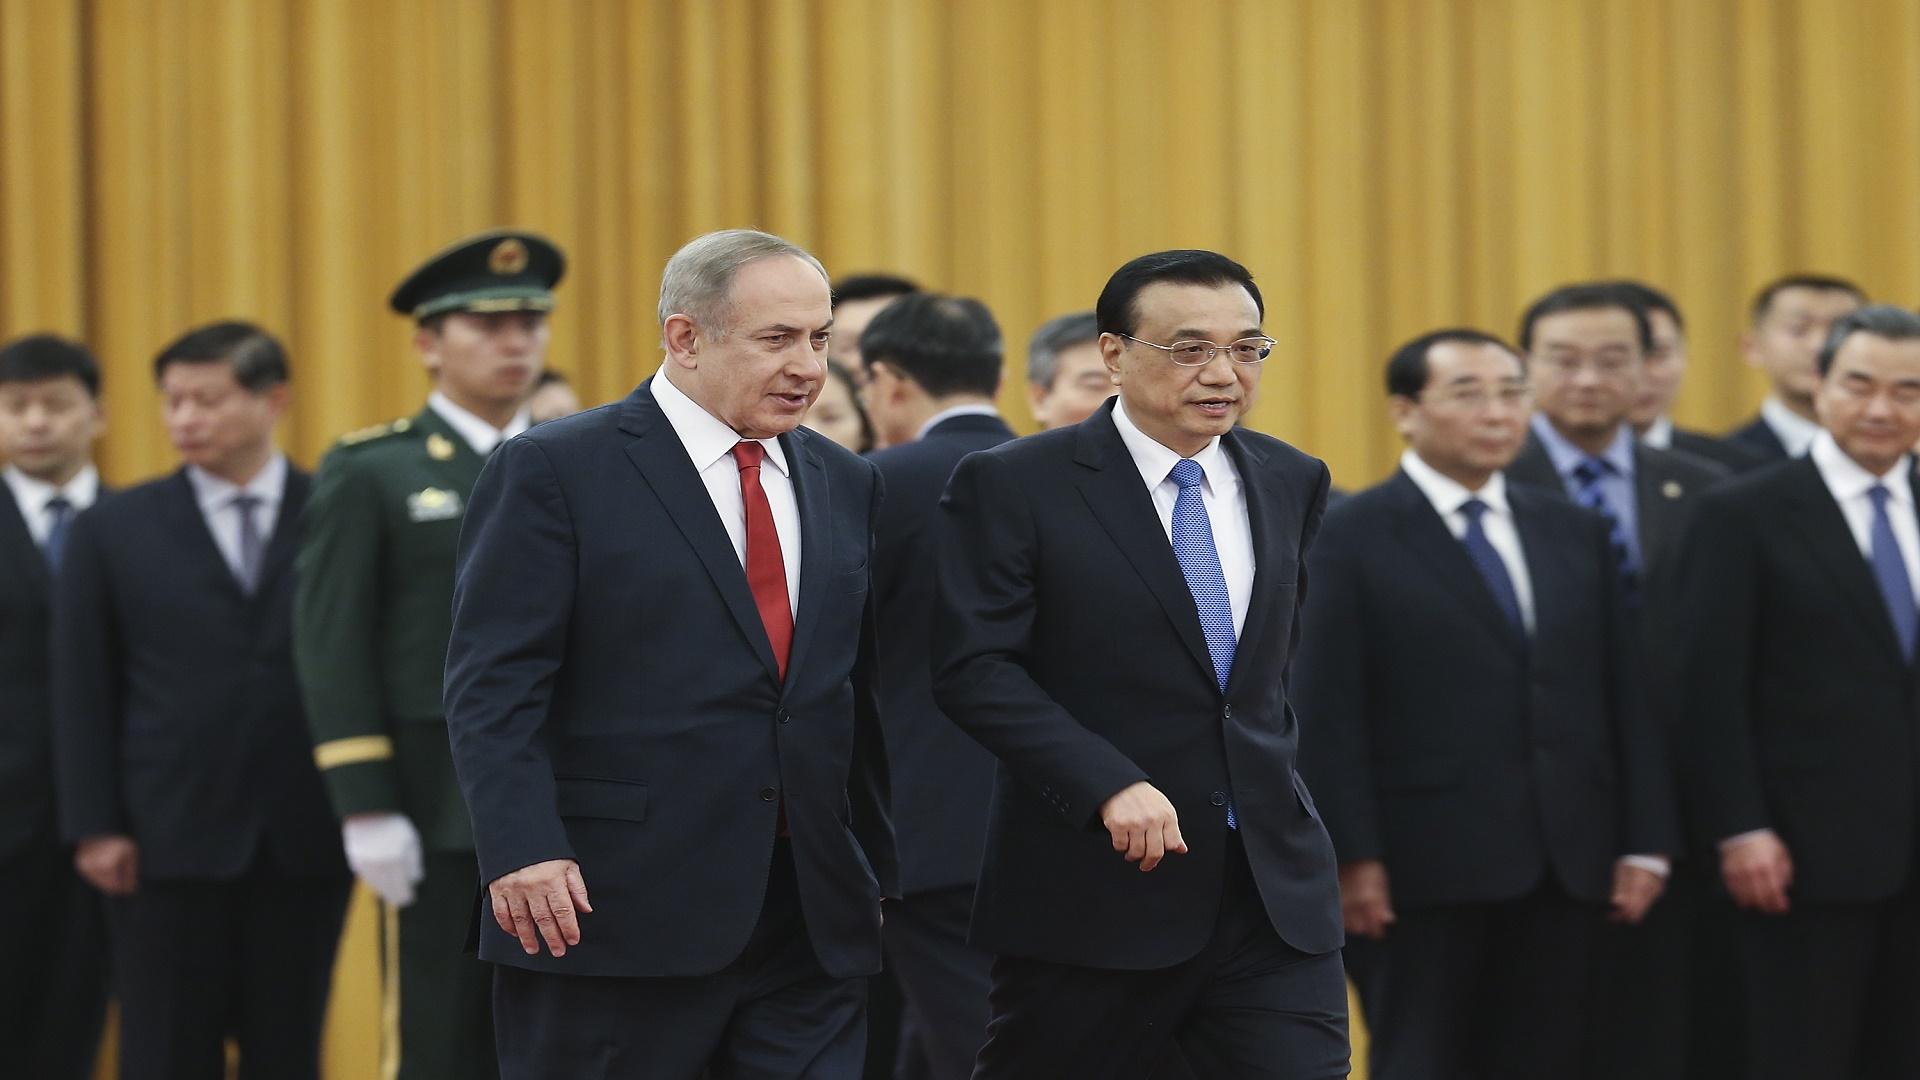 الاتفاق على تسريع إقامة منطقة تجارة حرة بين إسرائيل والصين